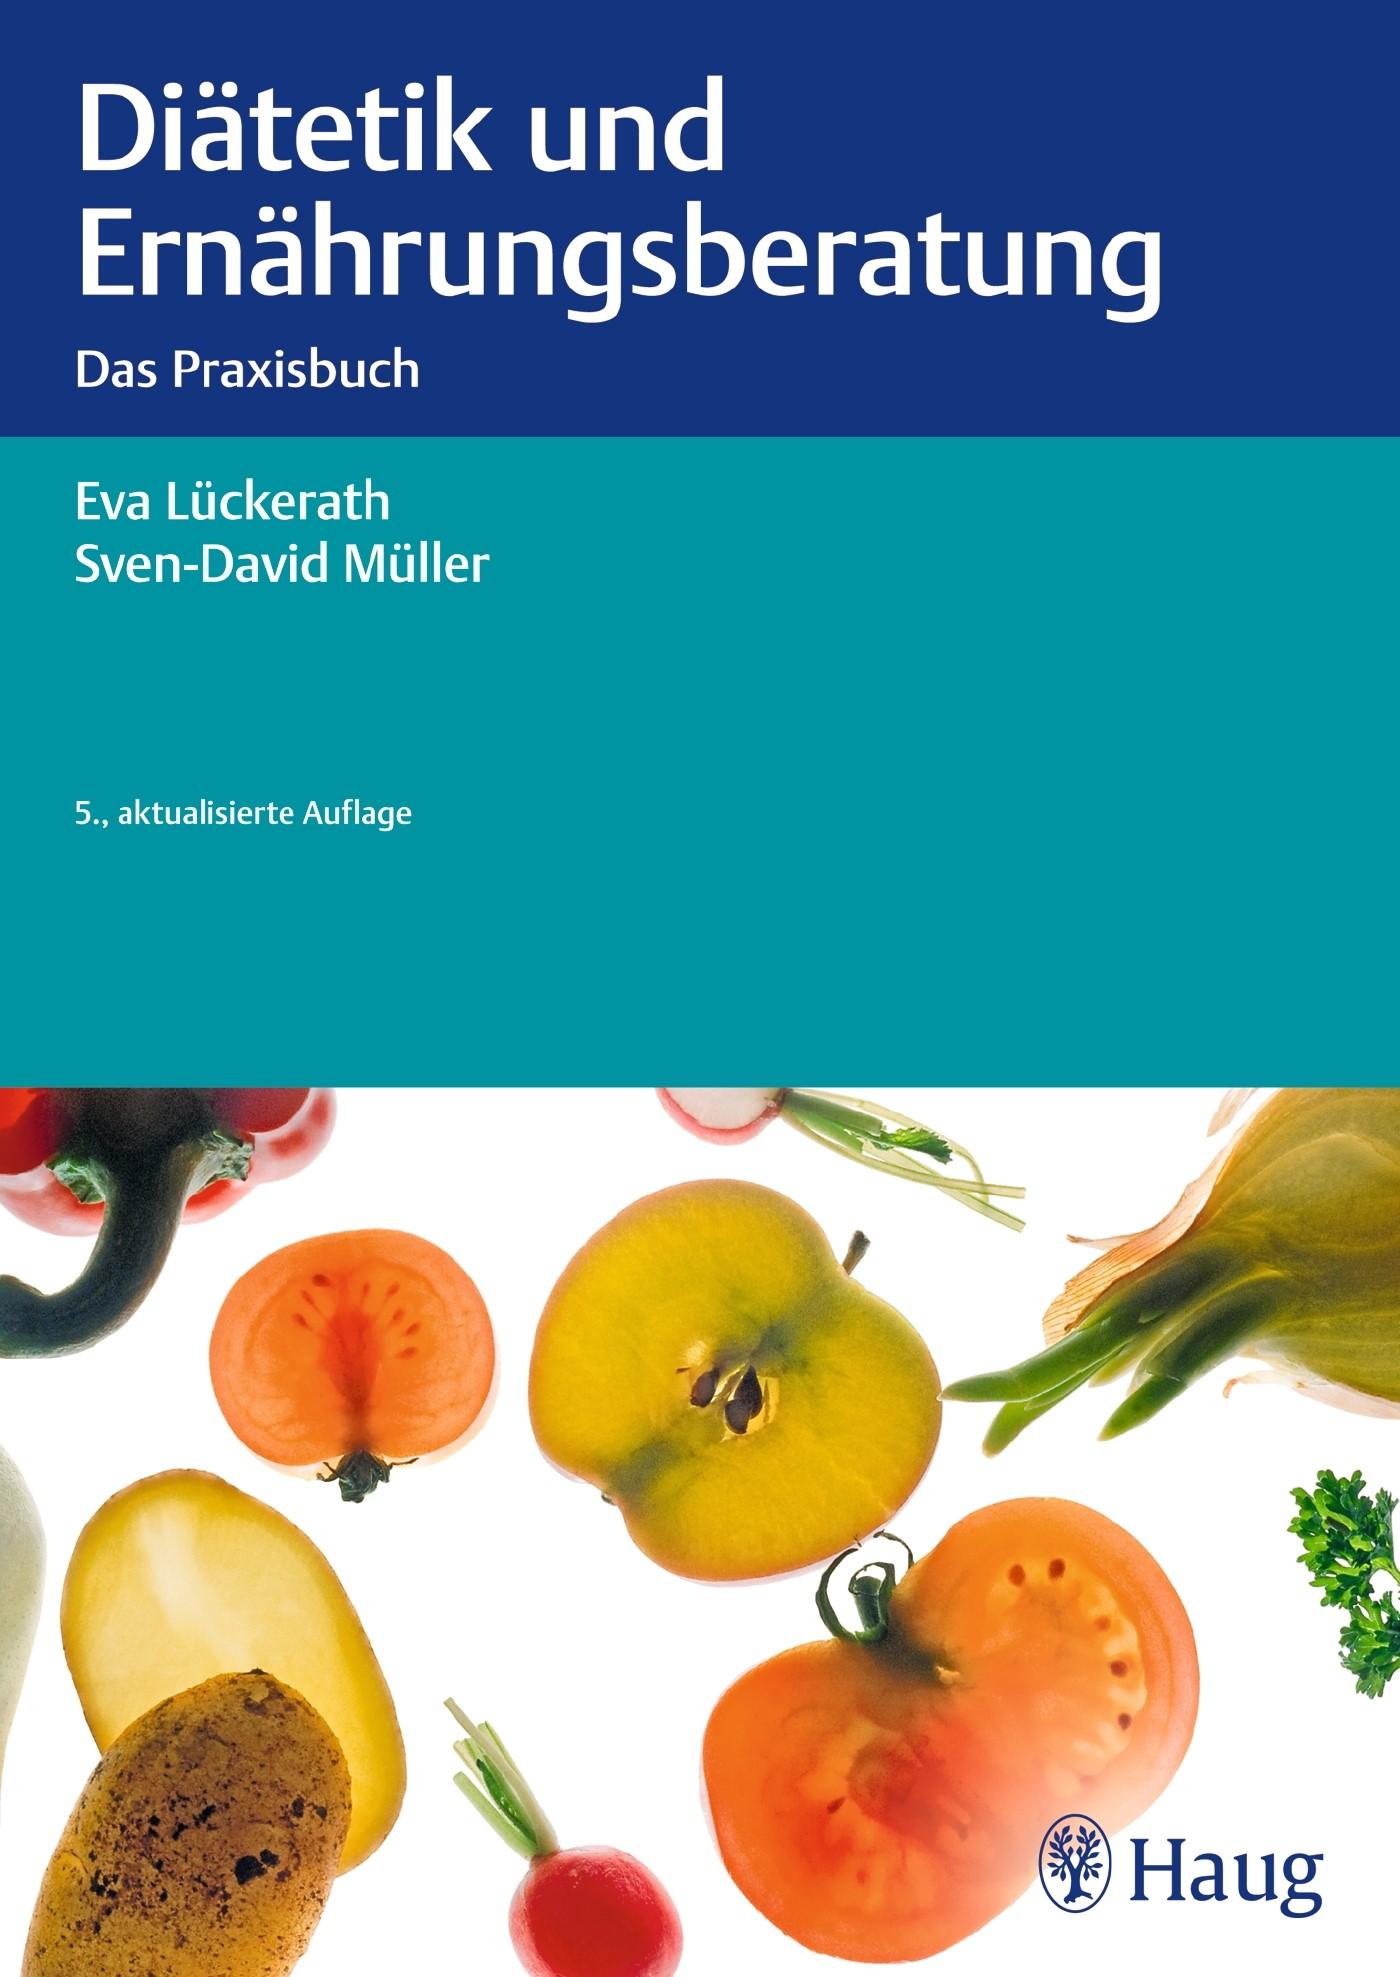 Diätetik und Ernährungsberatung | Lückerath / Müller, 2013 | Buch (Cover)